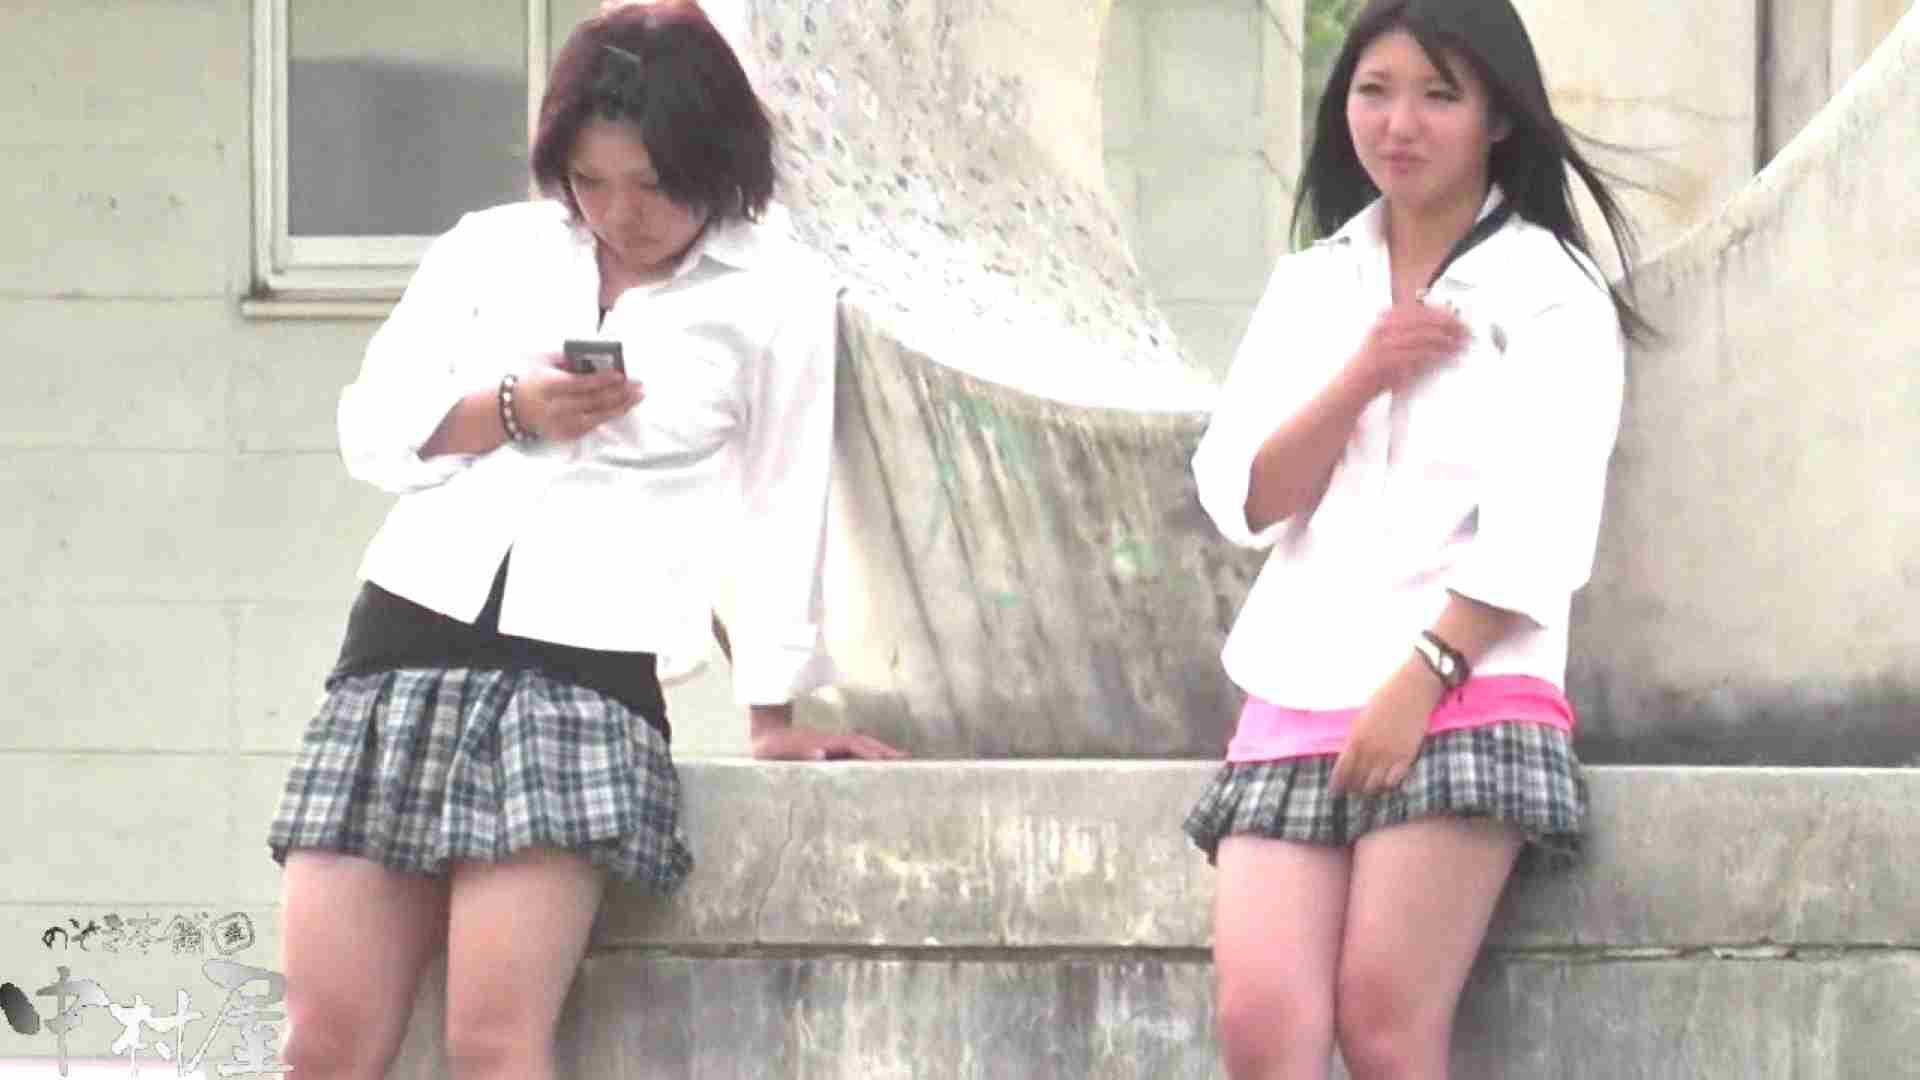 ドキドキ❤新入生パンチラ歓迎会vol.18 OLセックス 盗み撮りAV無料動画キャプチャ 86画像 7